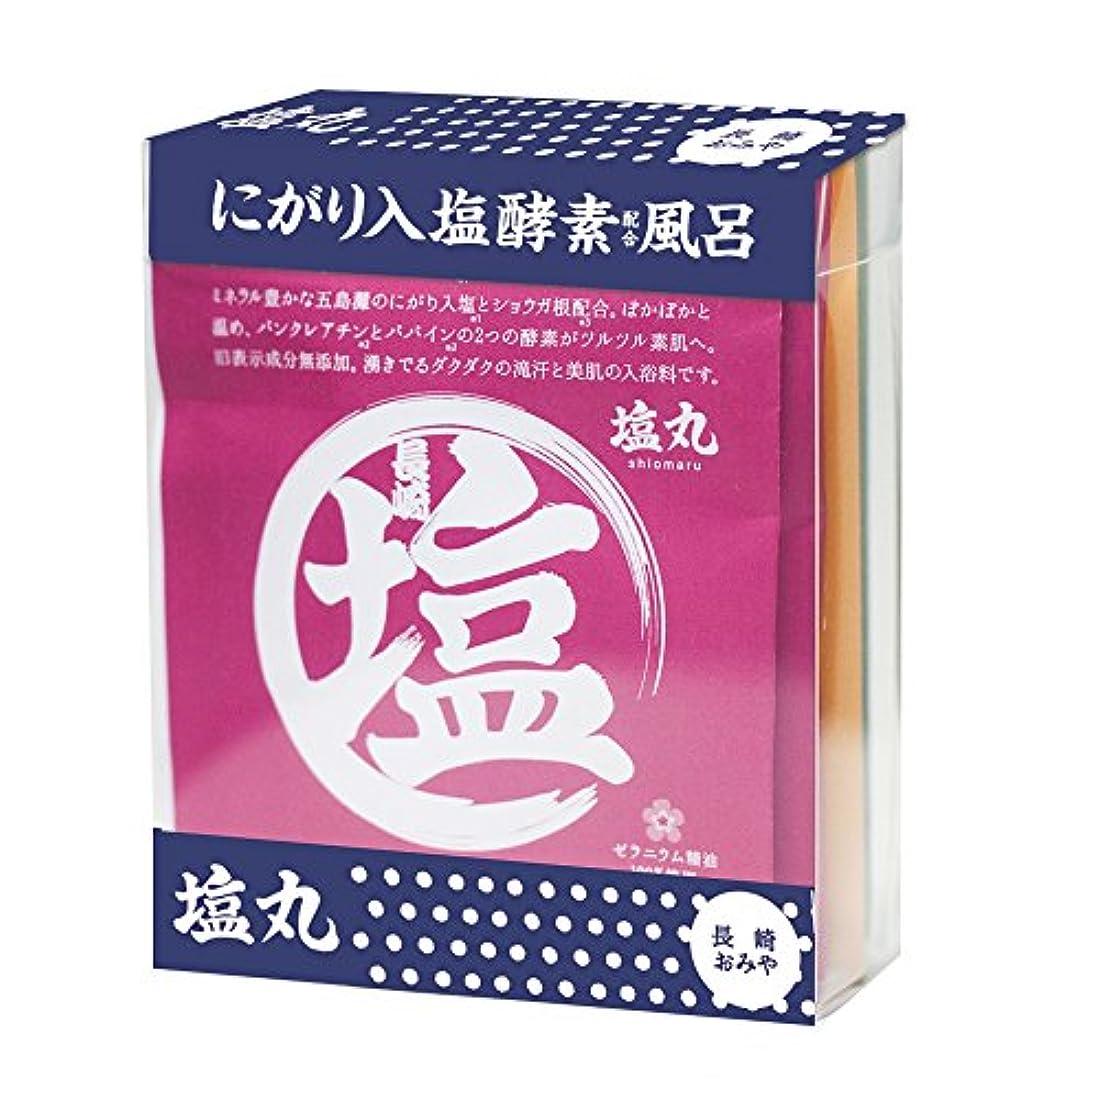 熟練した刃出します(塩丸)長崎産にがり入海塩入浴剤/5種アソートセット(40g×5包)合成香料?合成着色料?保存料不使用